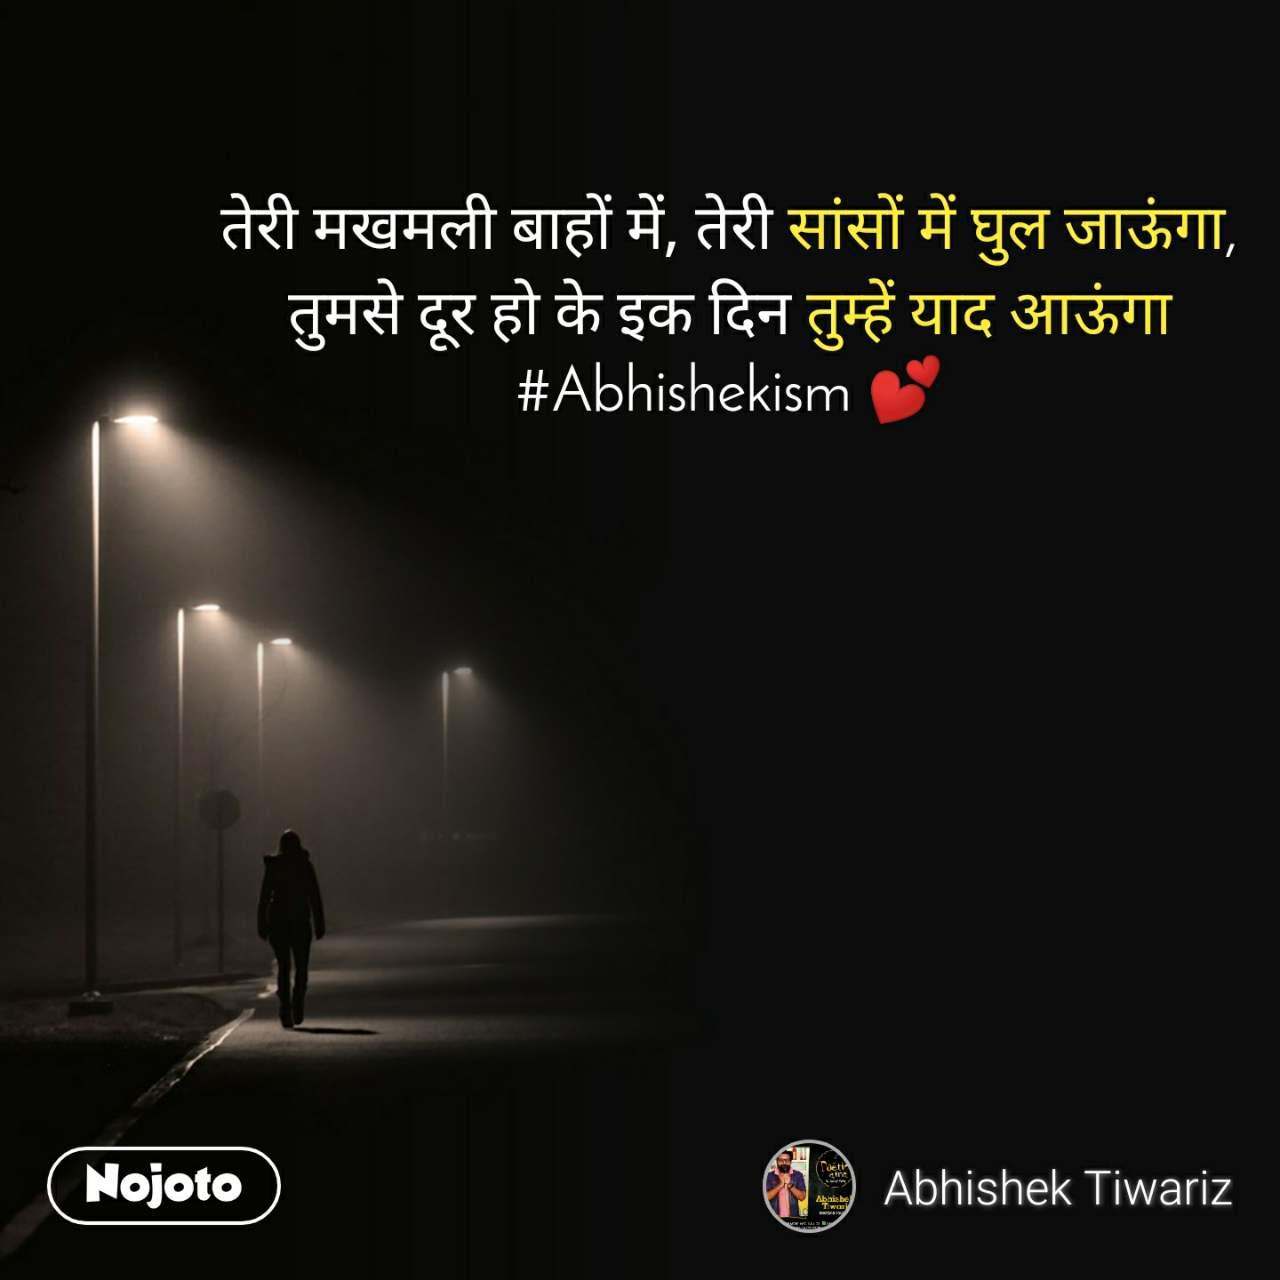 तेरी मखमली बाहों में, तेरी सांसों में घुल जाऊंगा, तुमसे दूर हो के इक दिन तुम्हें याद आऊंगा #Abhishekism 💕